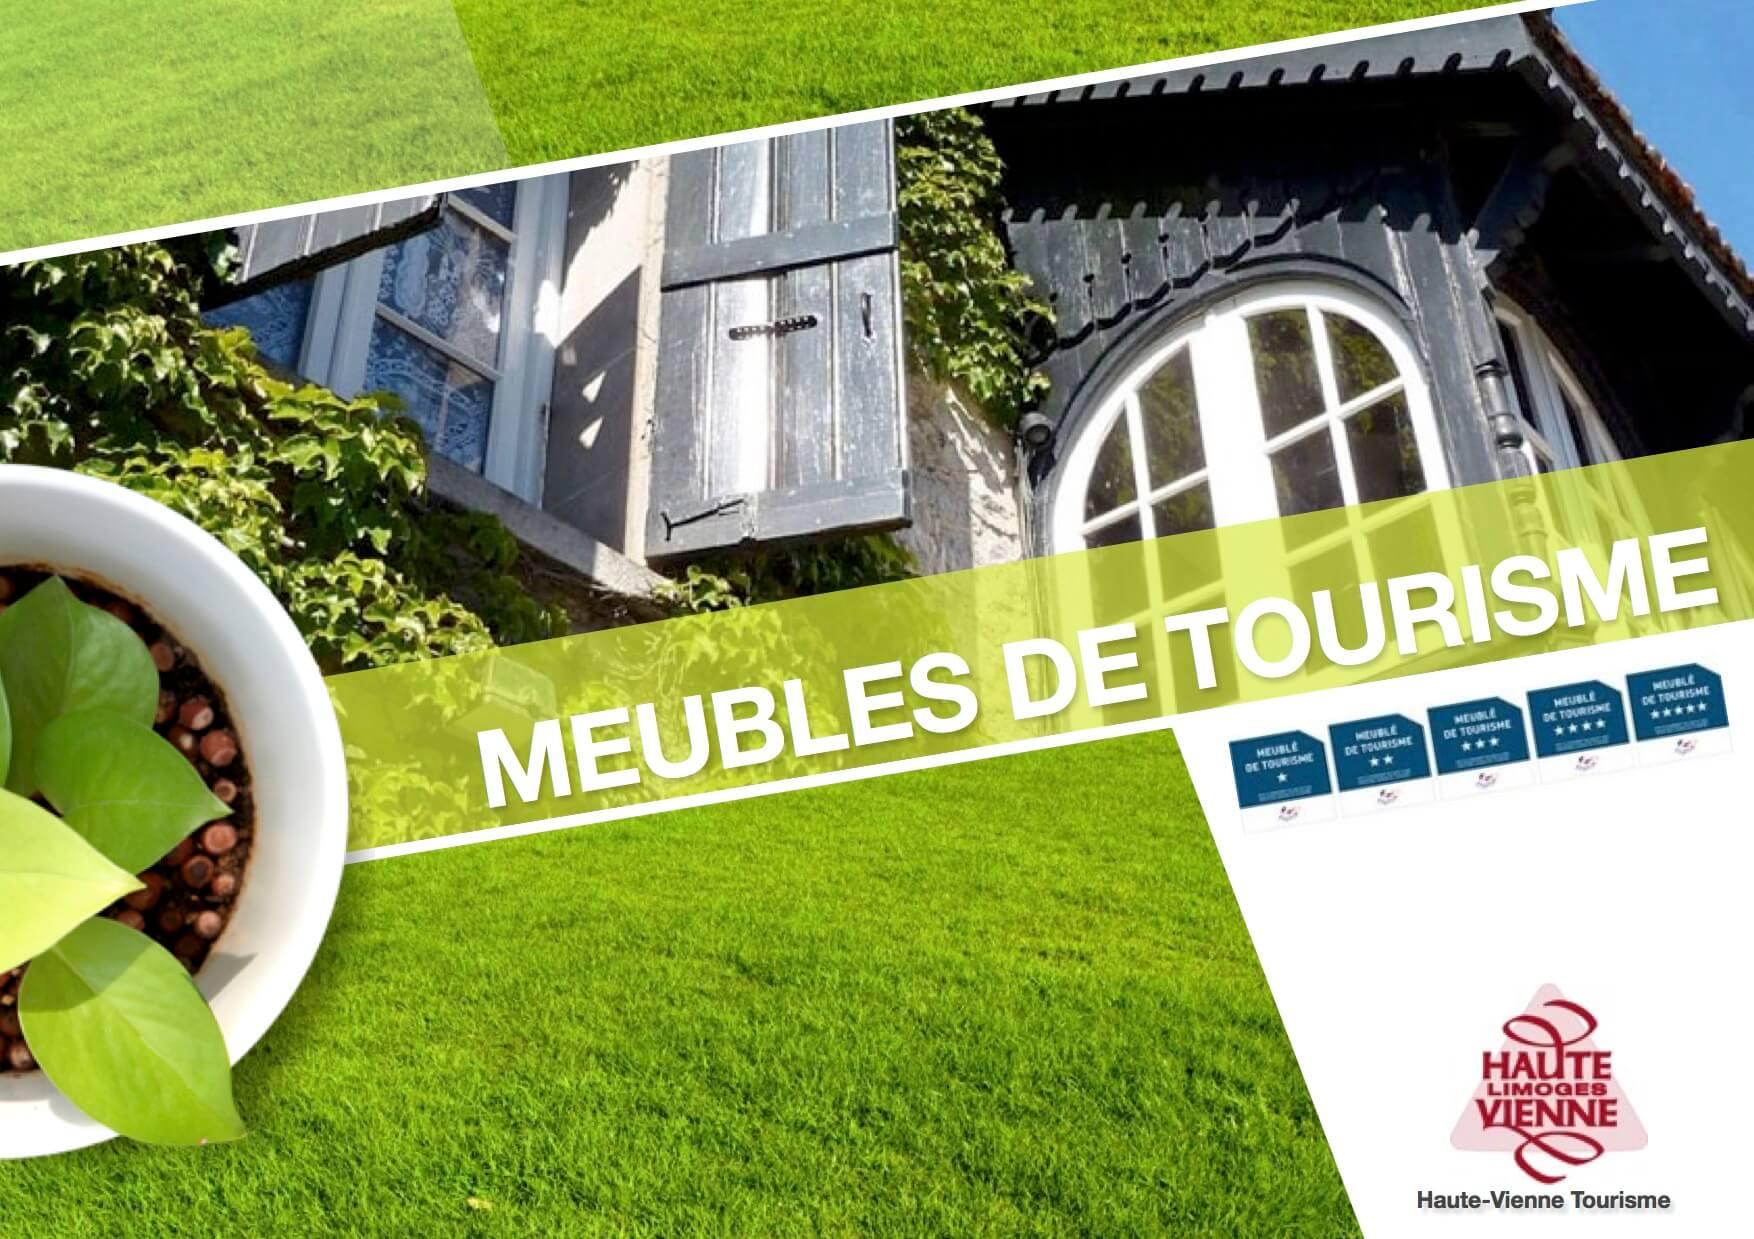 La Liste Officielle Des Meubles De Tourisme Classes En Haute Vienne Espace Pro Presse Haute Vienne Tourismeespace Pro Presse Haute Vienne Tourisme